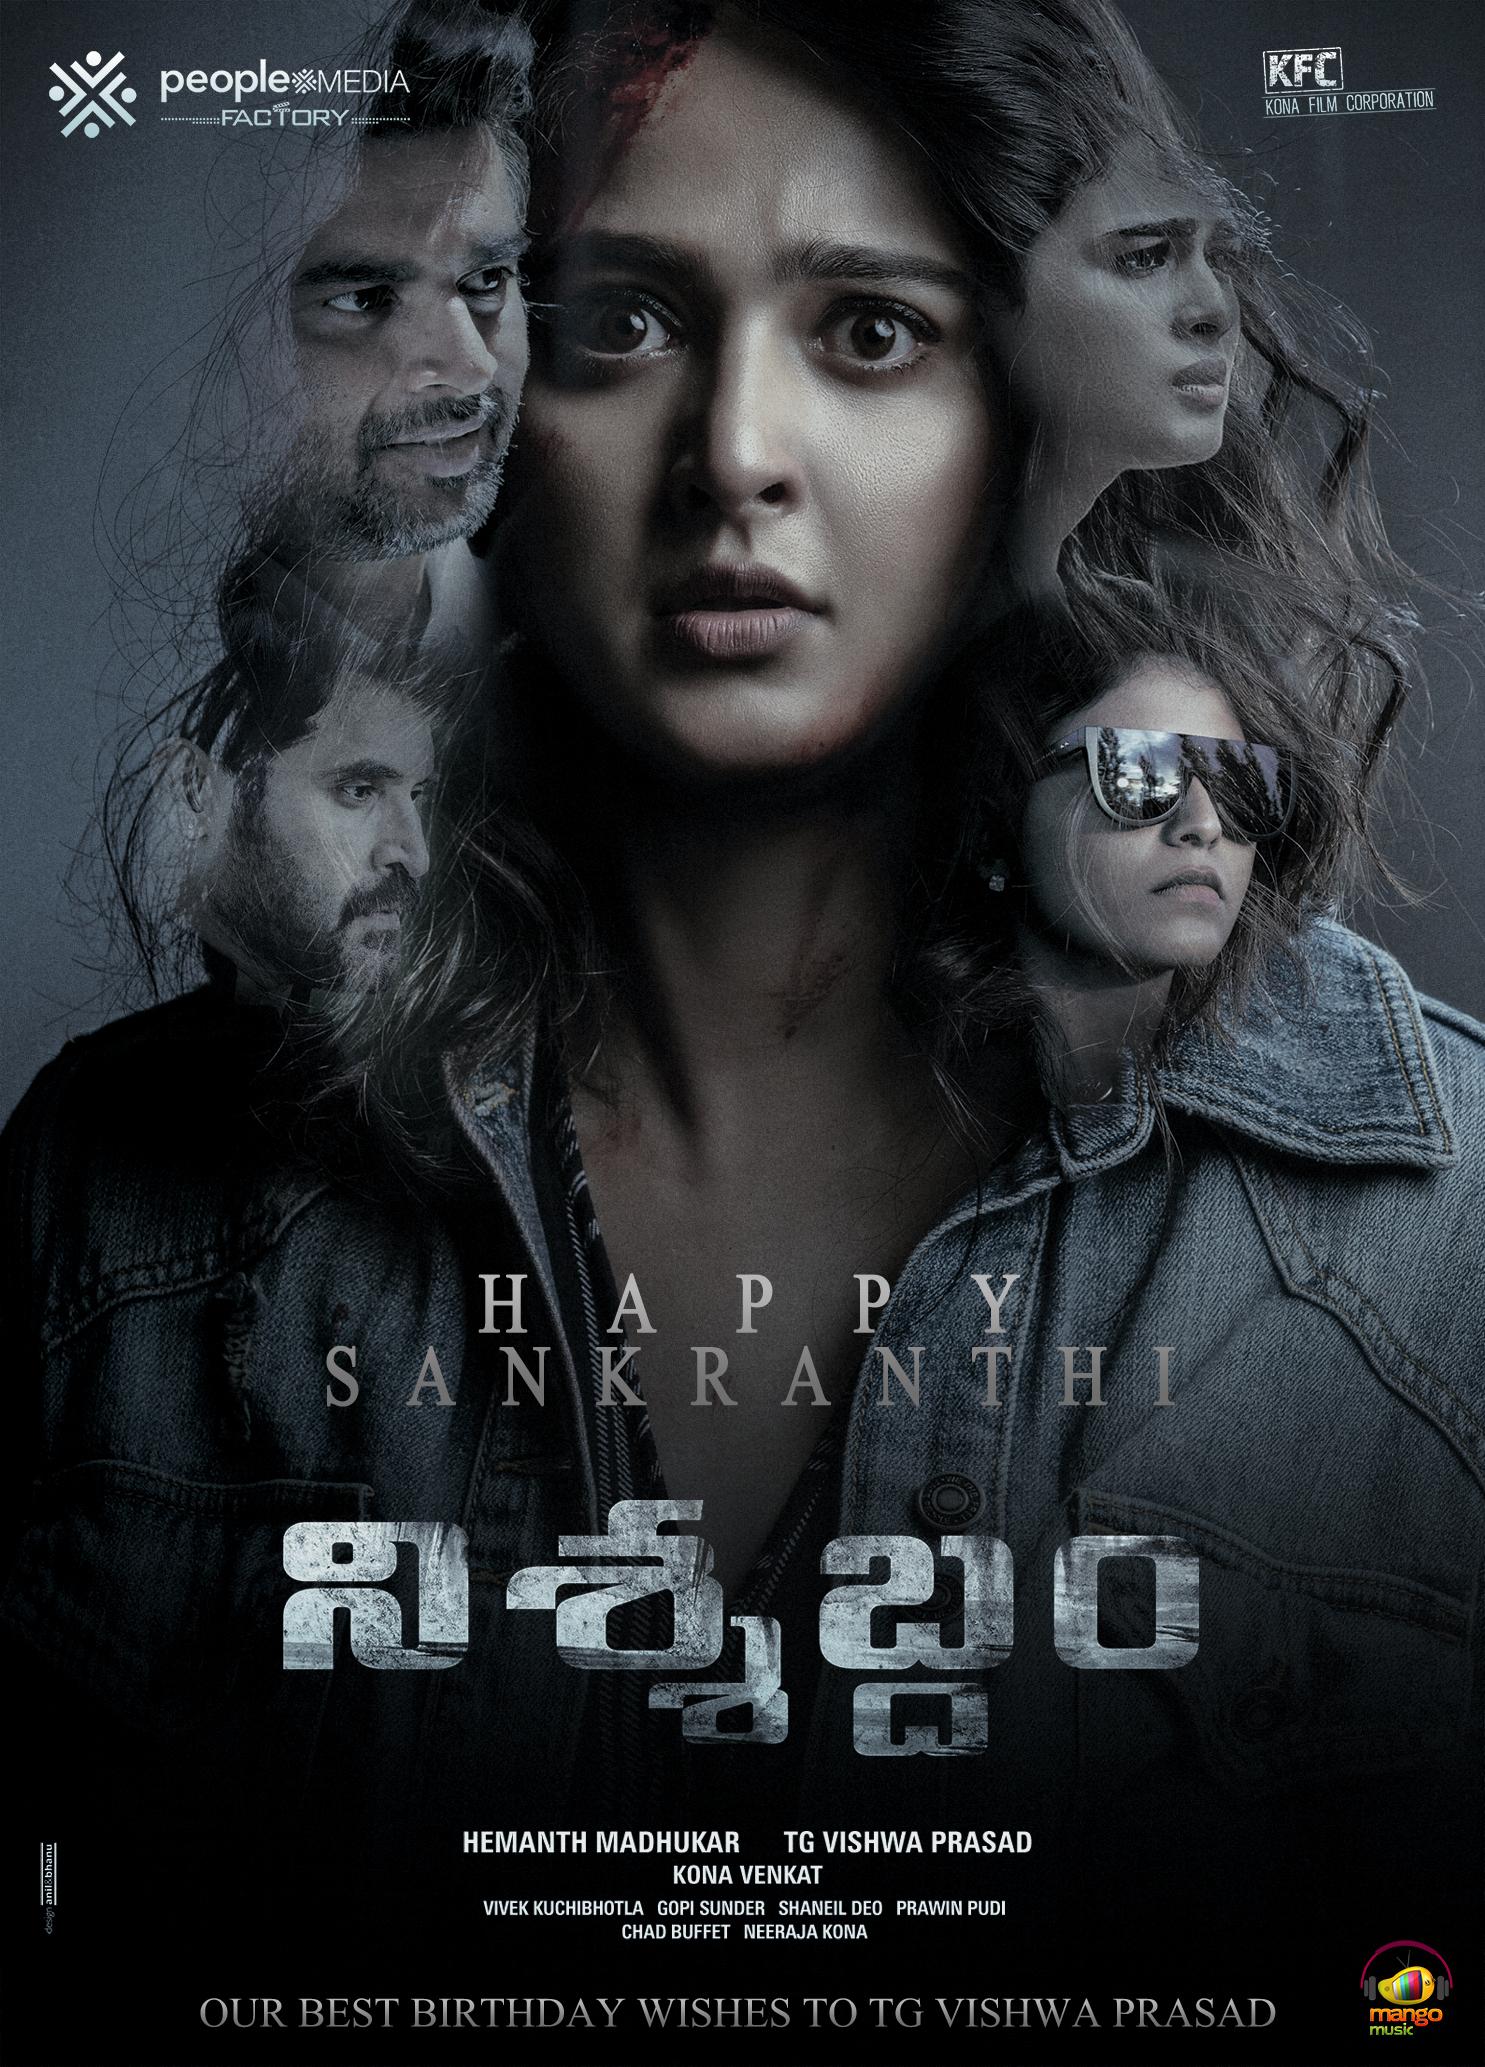 Sankranthi - TELUGU